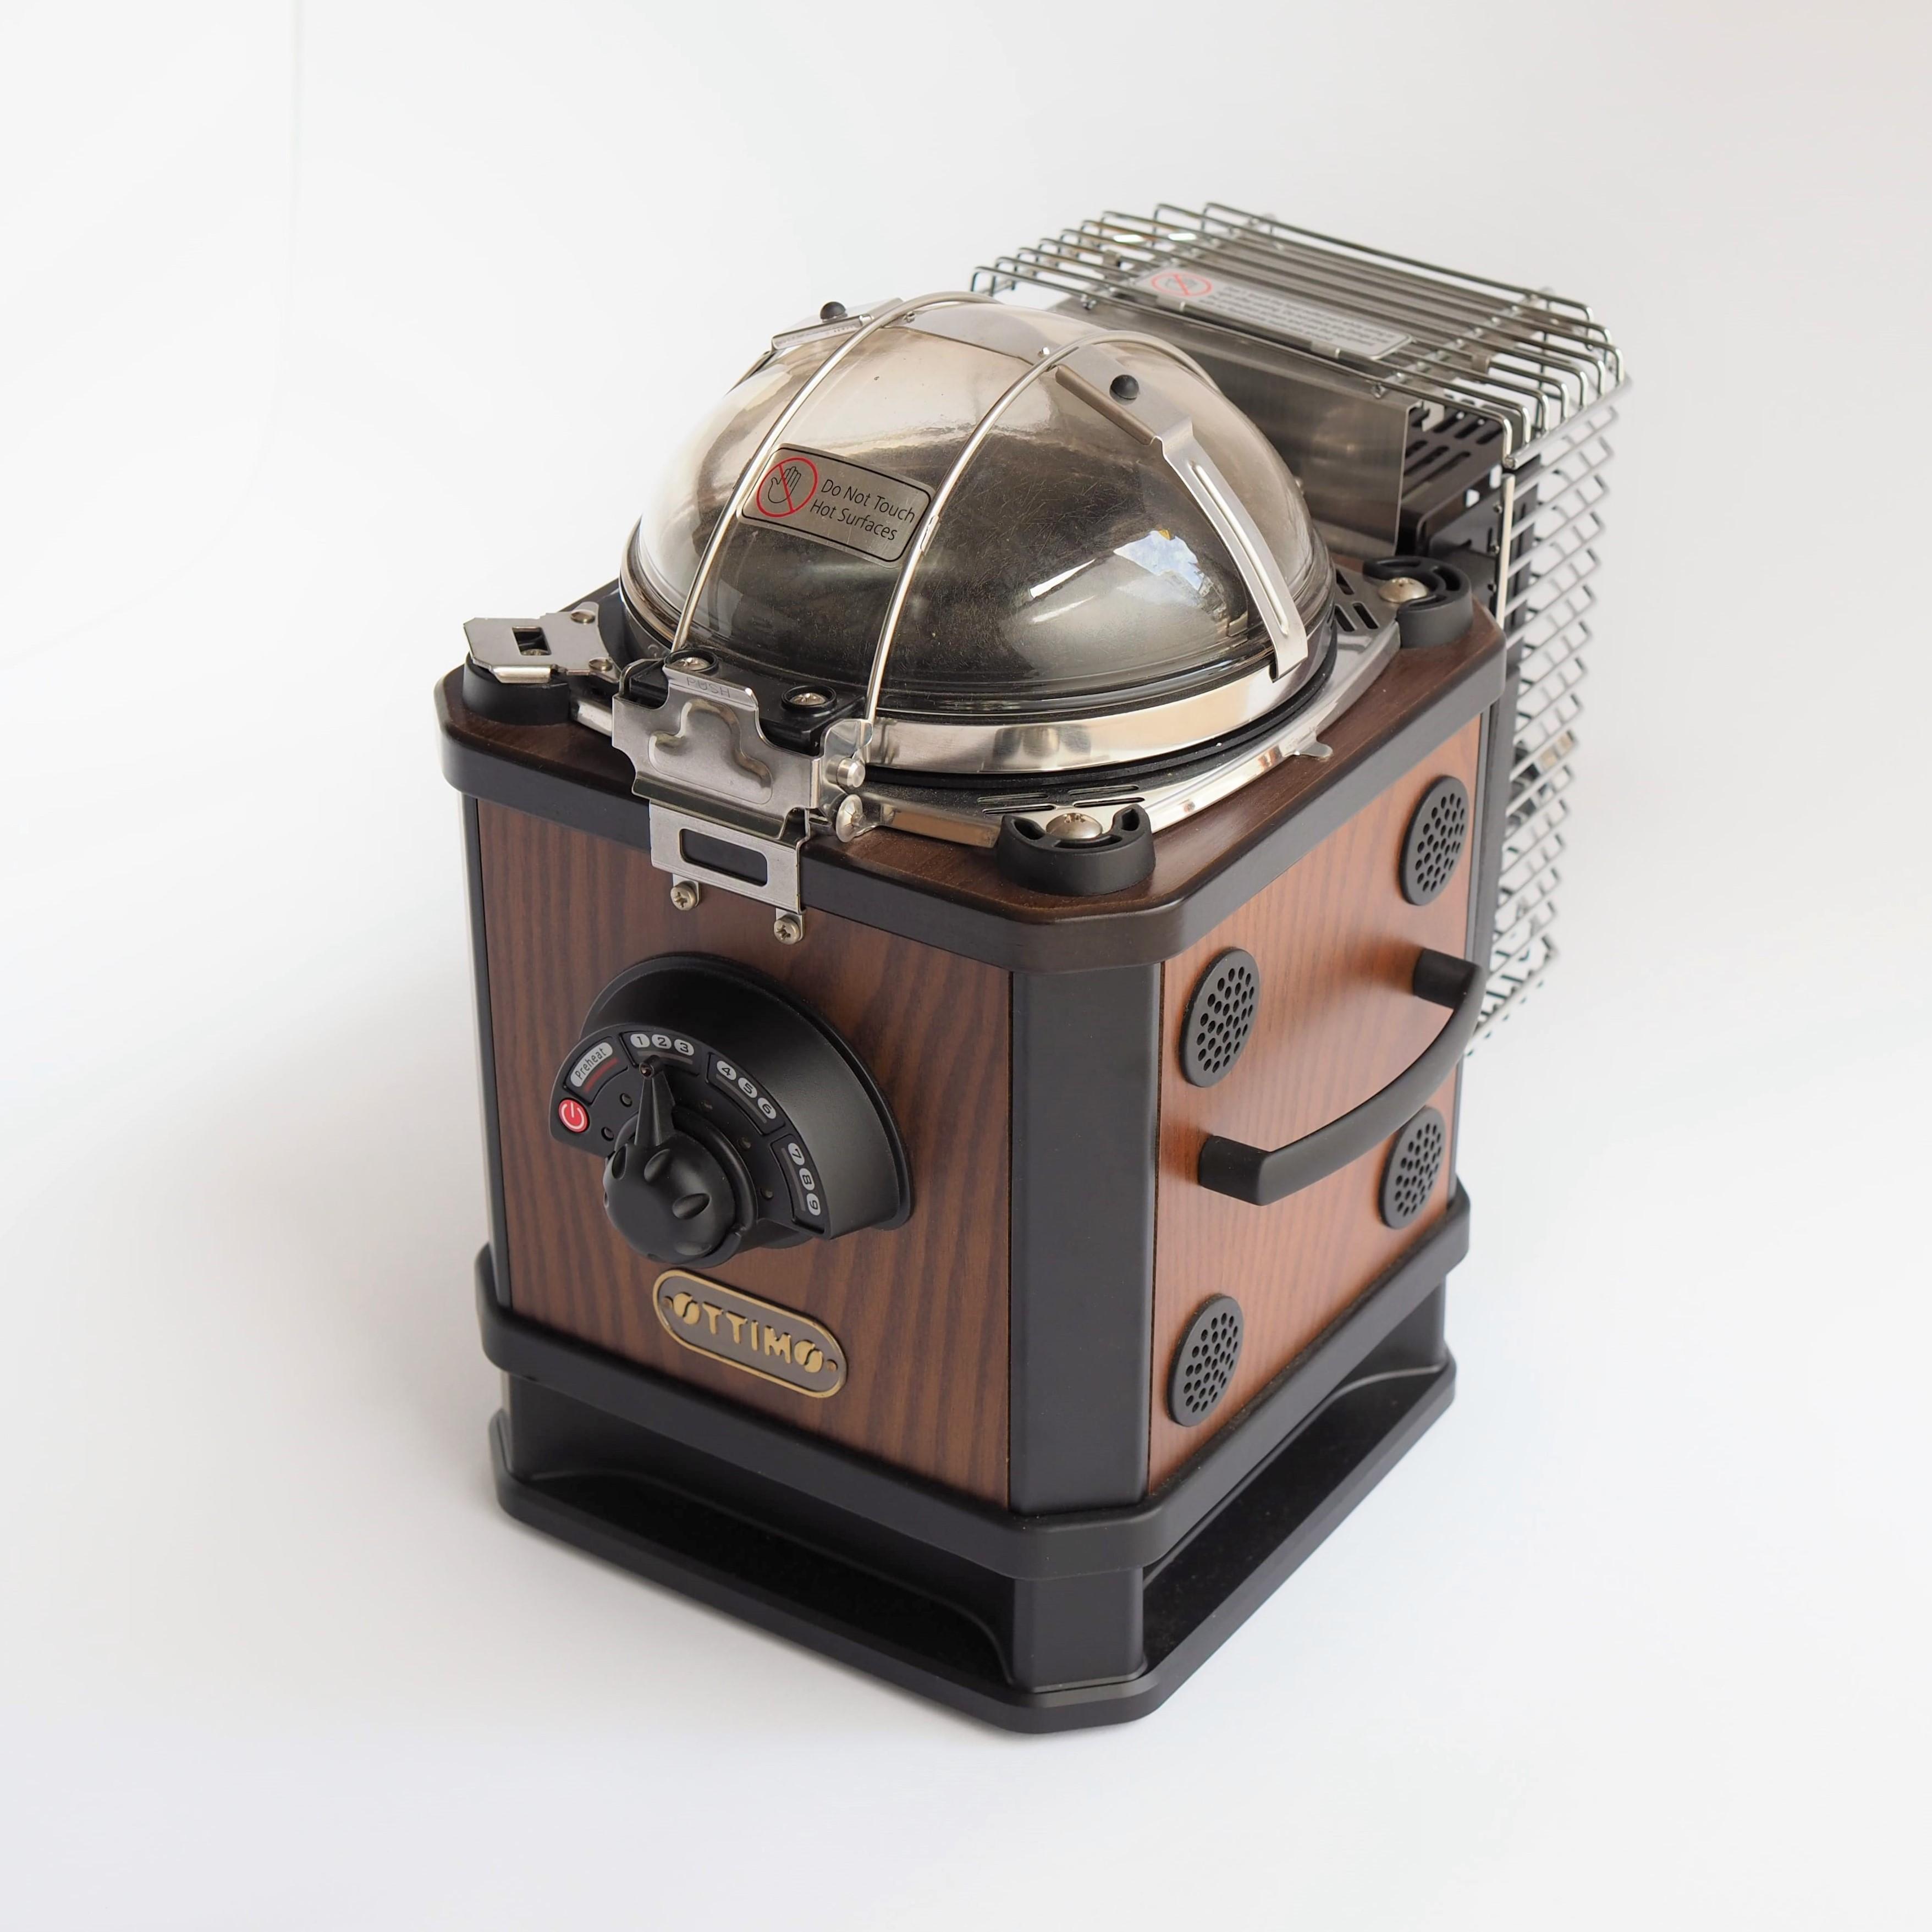 OTTIMO コーヒービーンロースター J-150CR BR